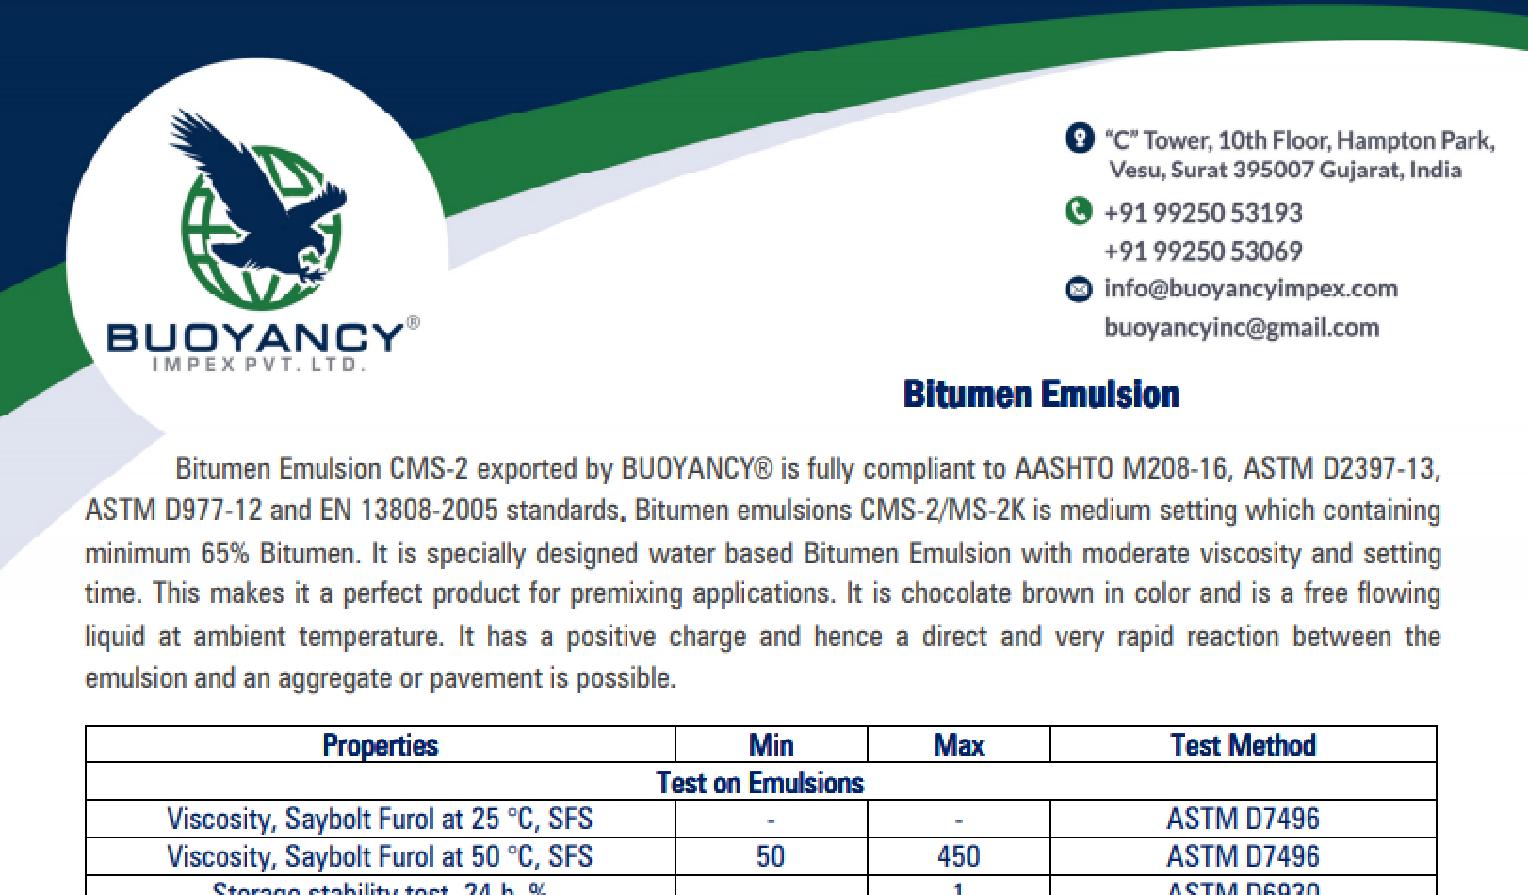 CMS-2/MS-2K (Emulsion Bitumen)